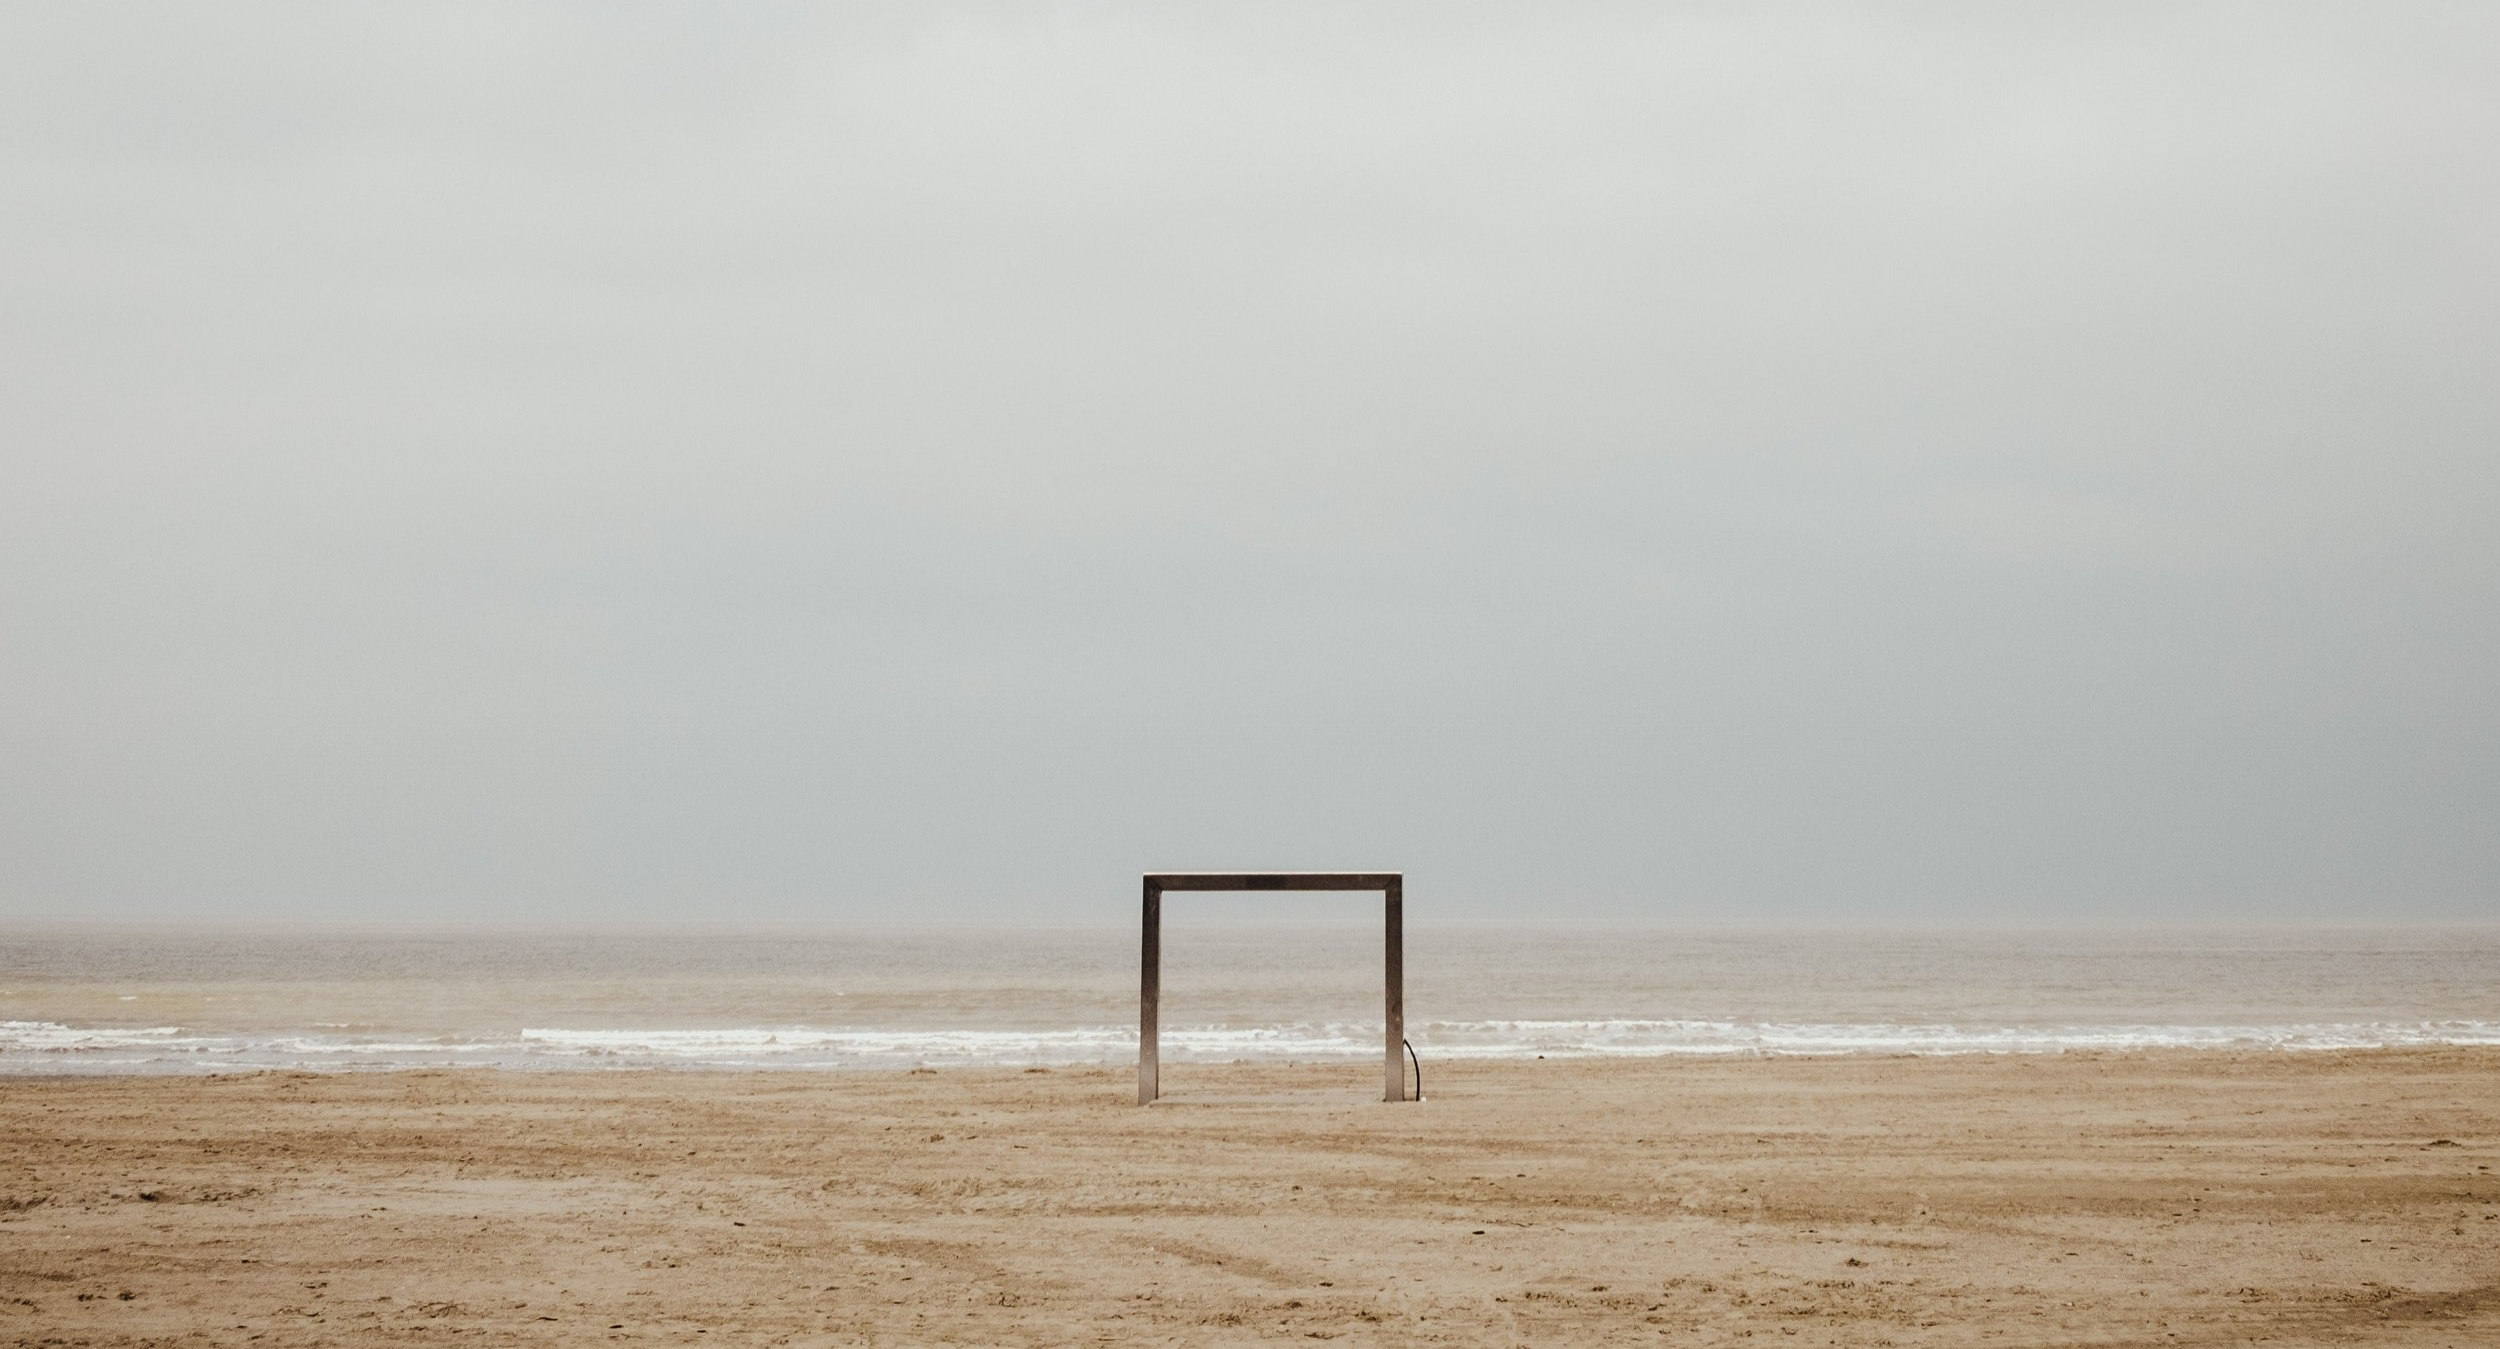 cloudy sky, wooden frame on an empty beach